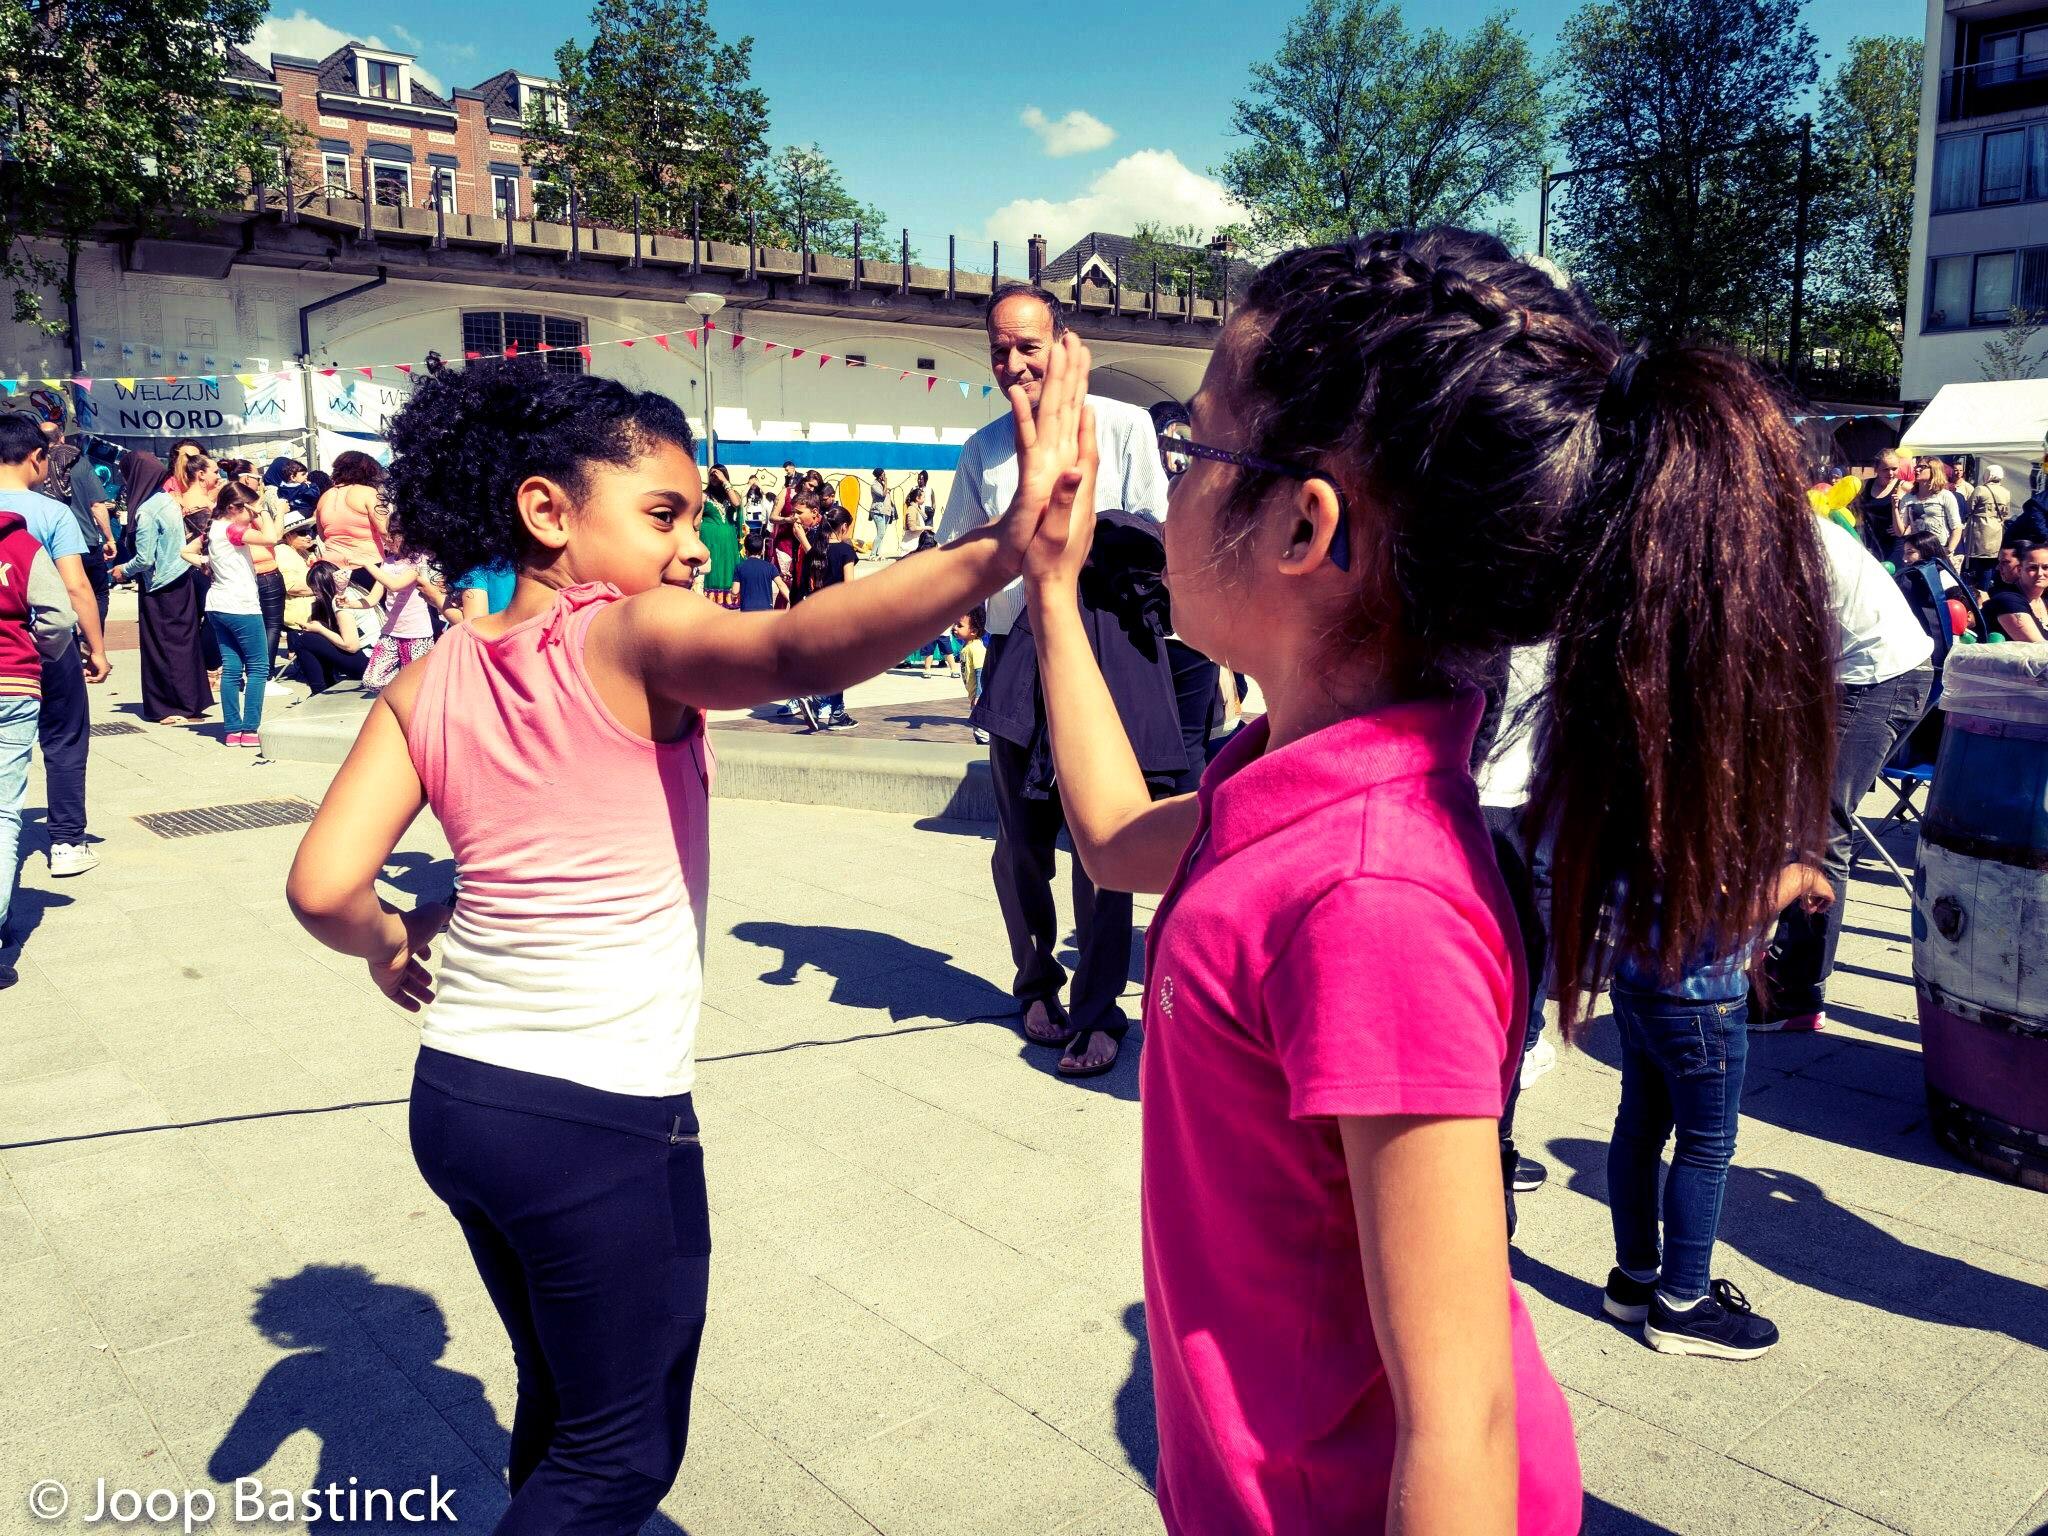 De meiden van streetdance 8+ hebben er weer zin in! Optreden Koningsvelderplein, lis kwartier, Rotterdam Noord. Foto Joop Bastinck.